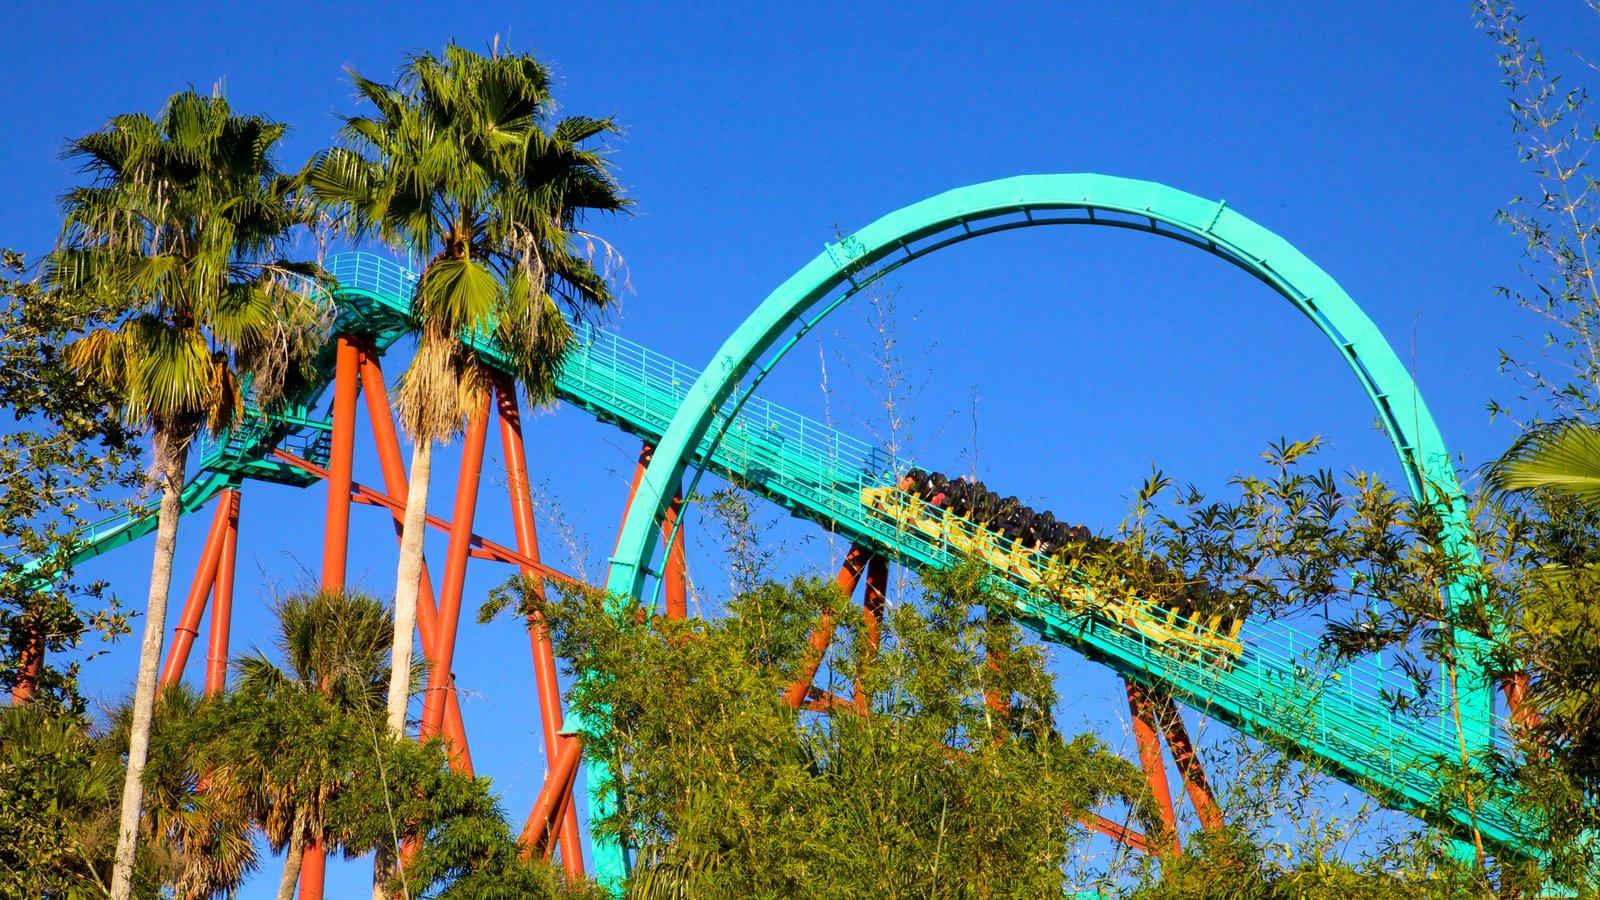 Busch Gardens featuring rides